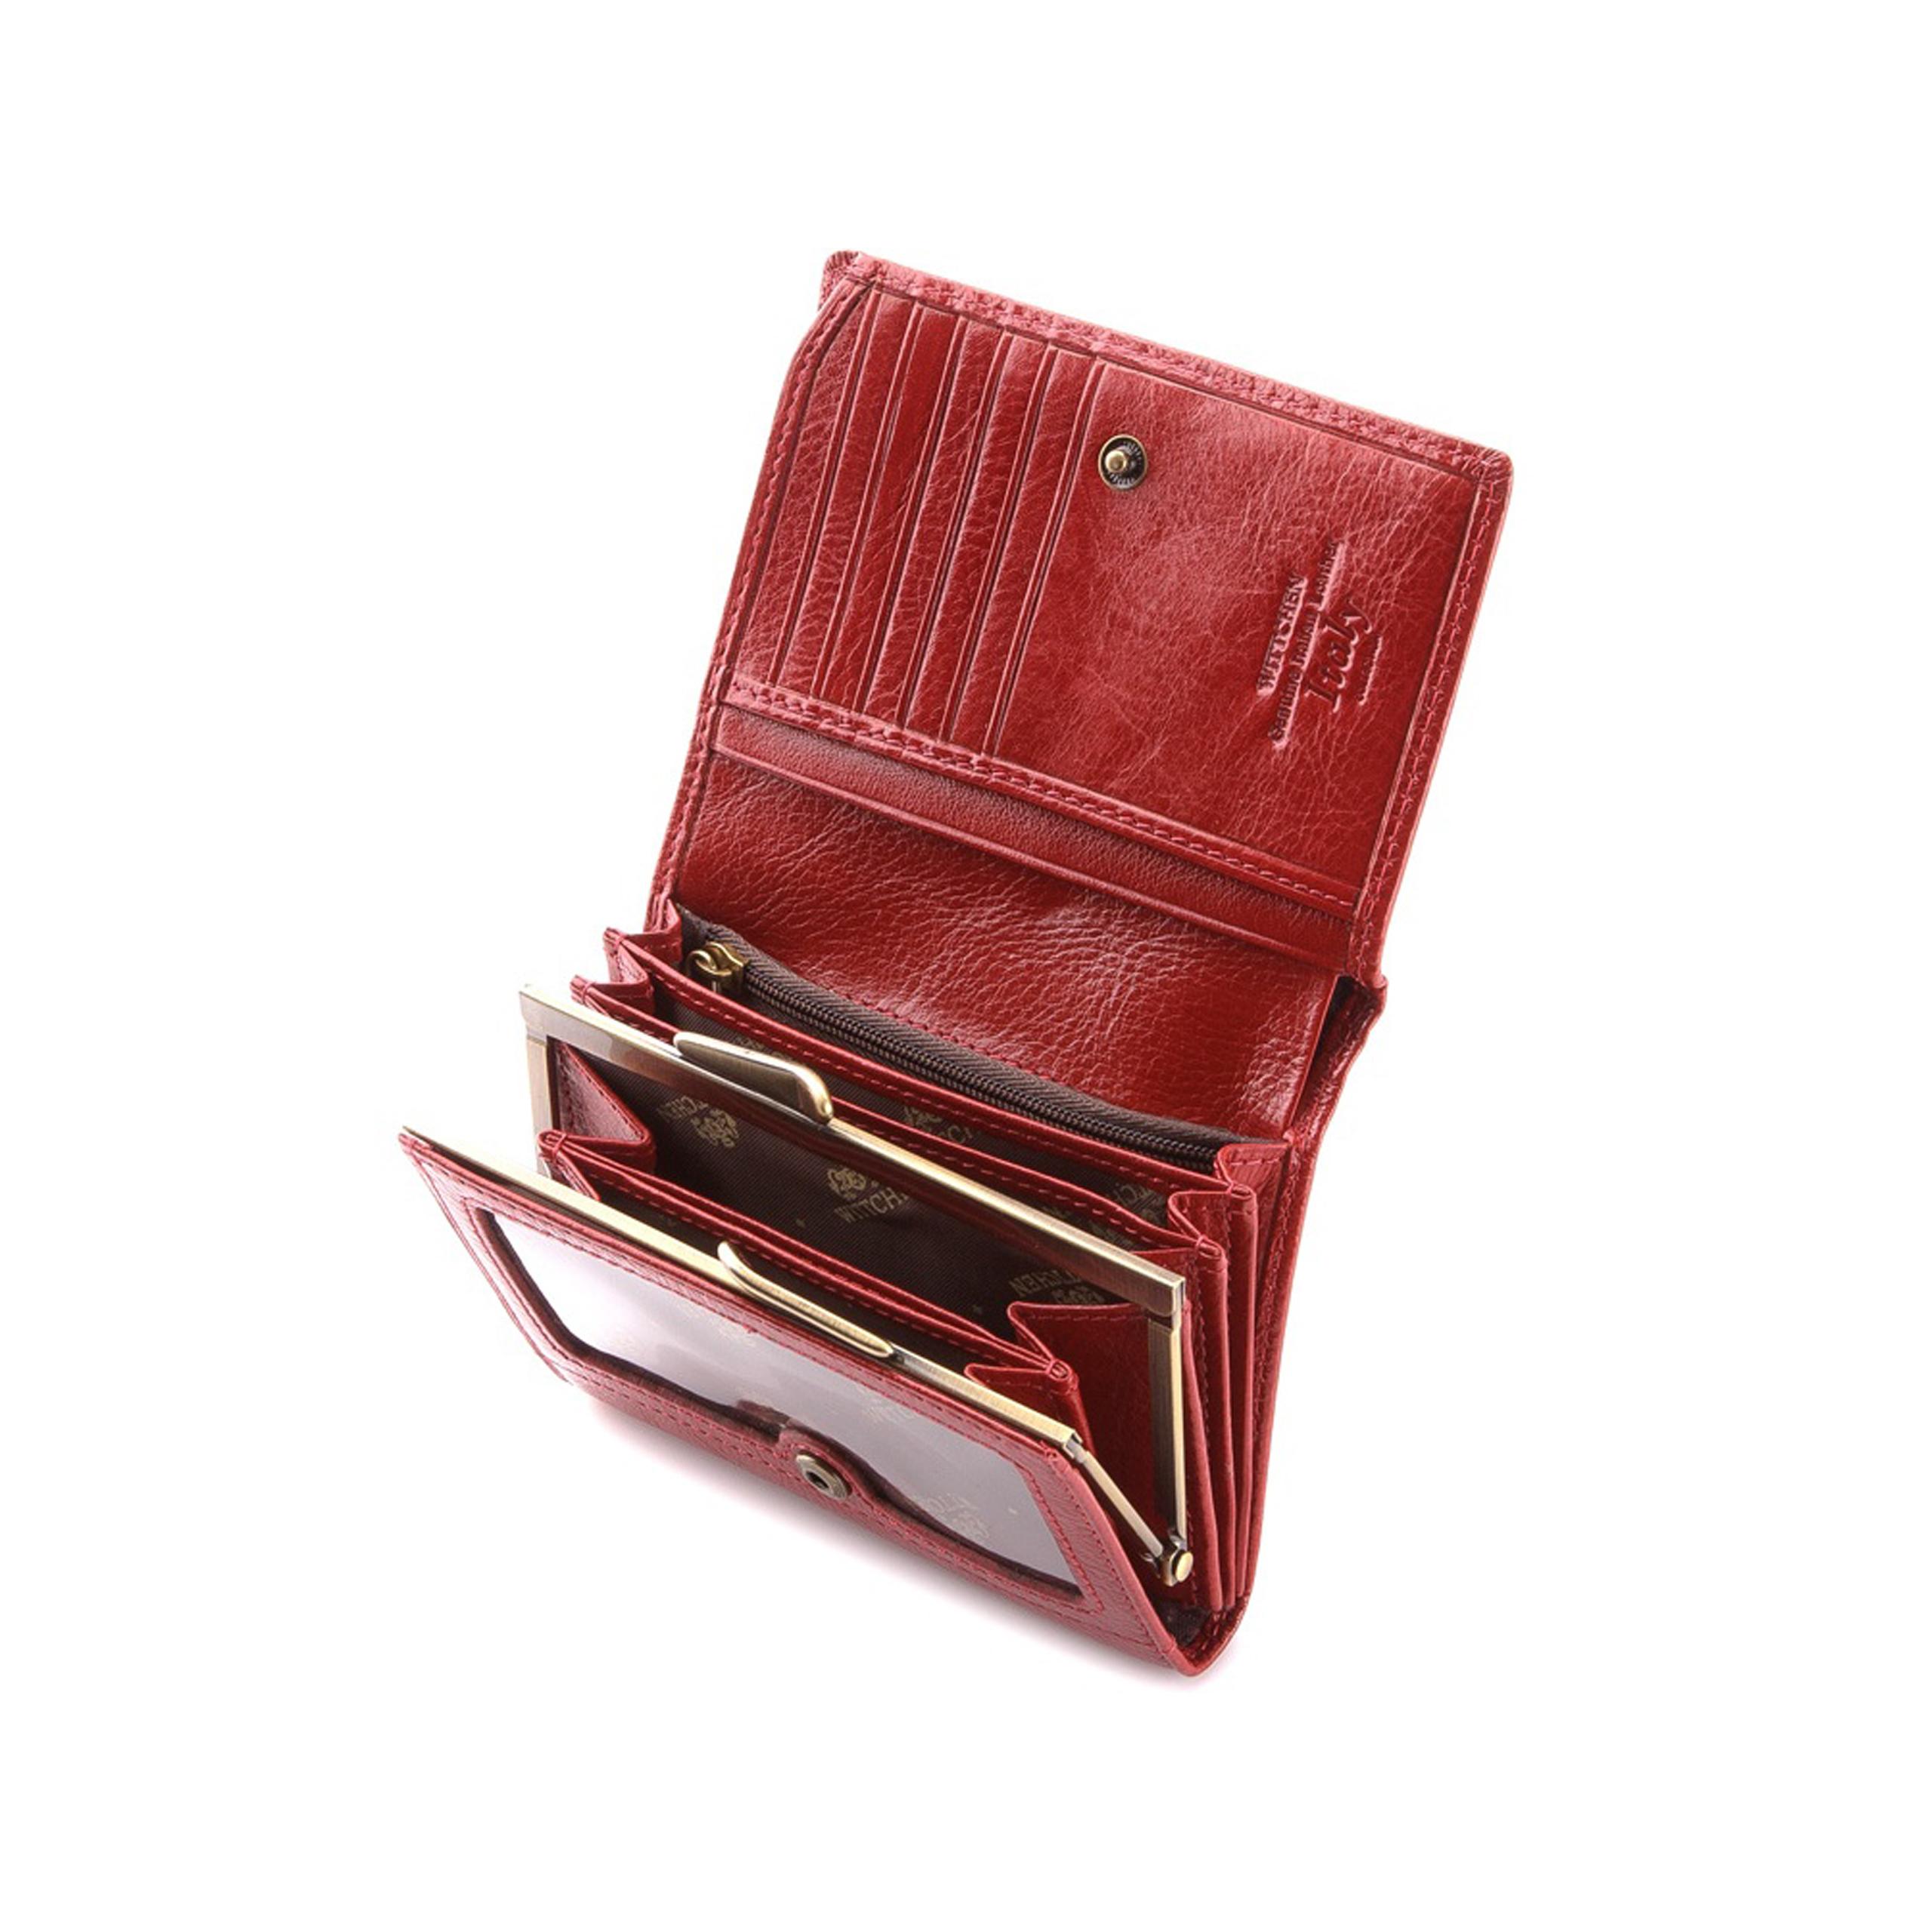 85b563b623d4a Portfel Wittchen Italy damski 21-1-070-3 czerwony. Oferta specjalna. Kod  produktu: ...